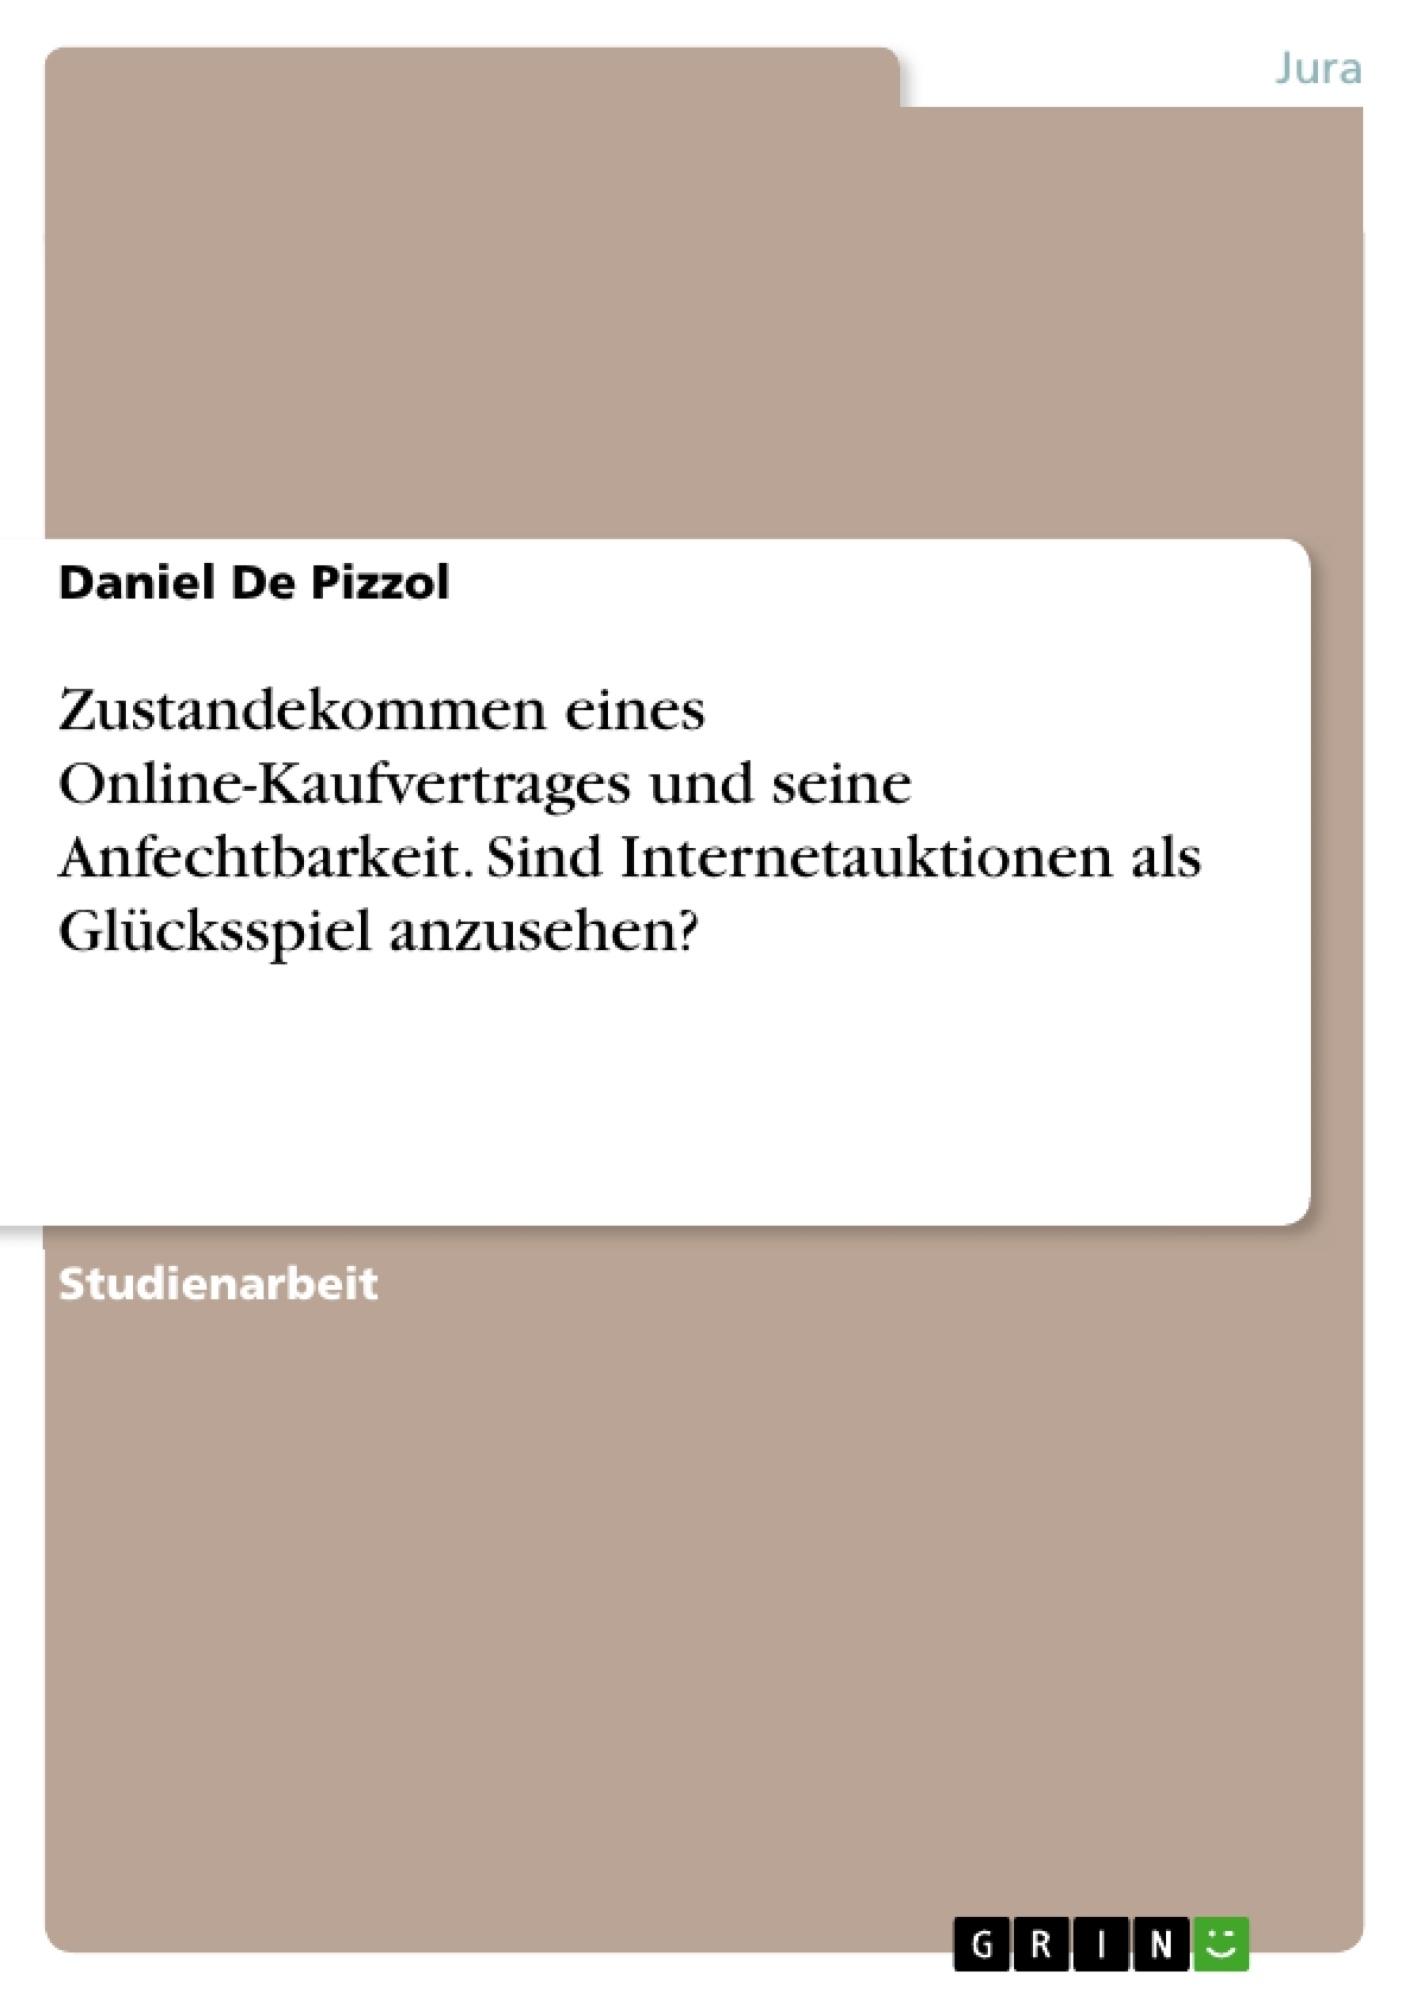 Titel: Zustandekommen eines Online-Kaufvertrages und seine Anfechtbarkeit. Sind Internetauktionen als Glücksspiel anzusehen?